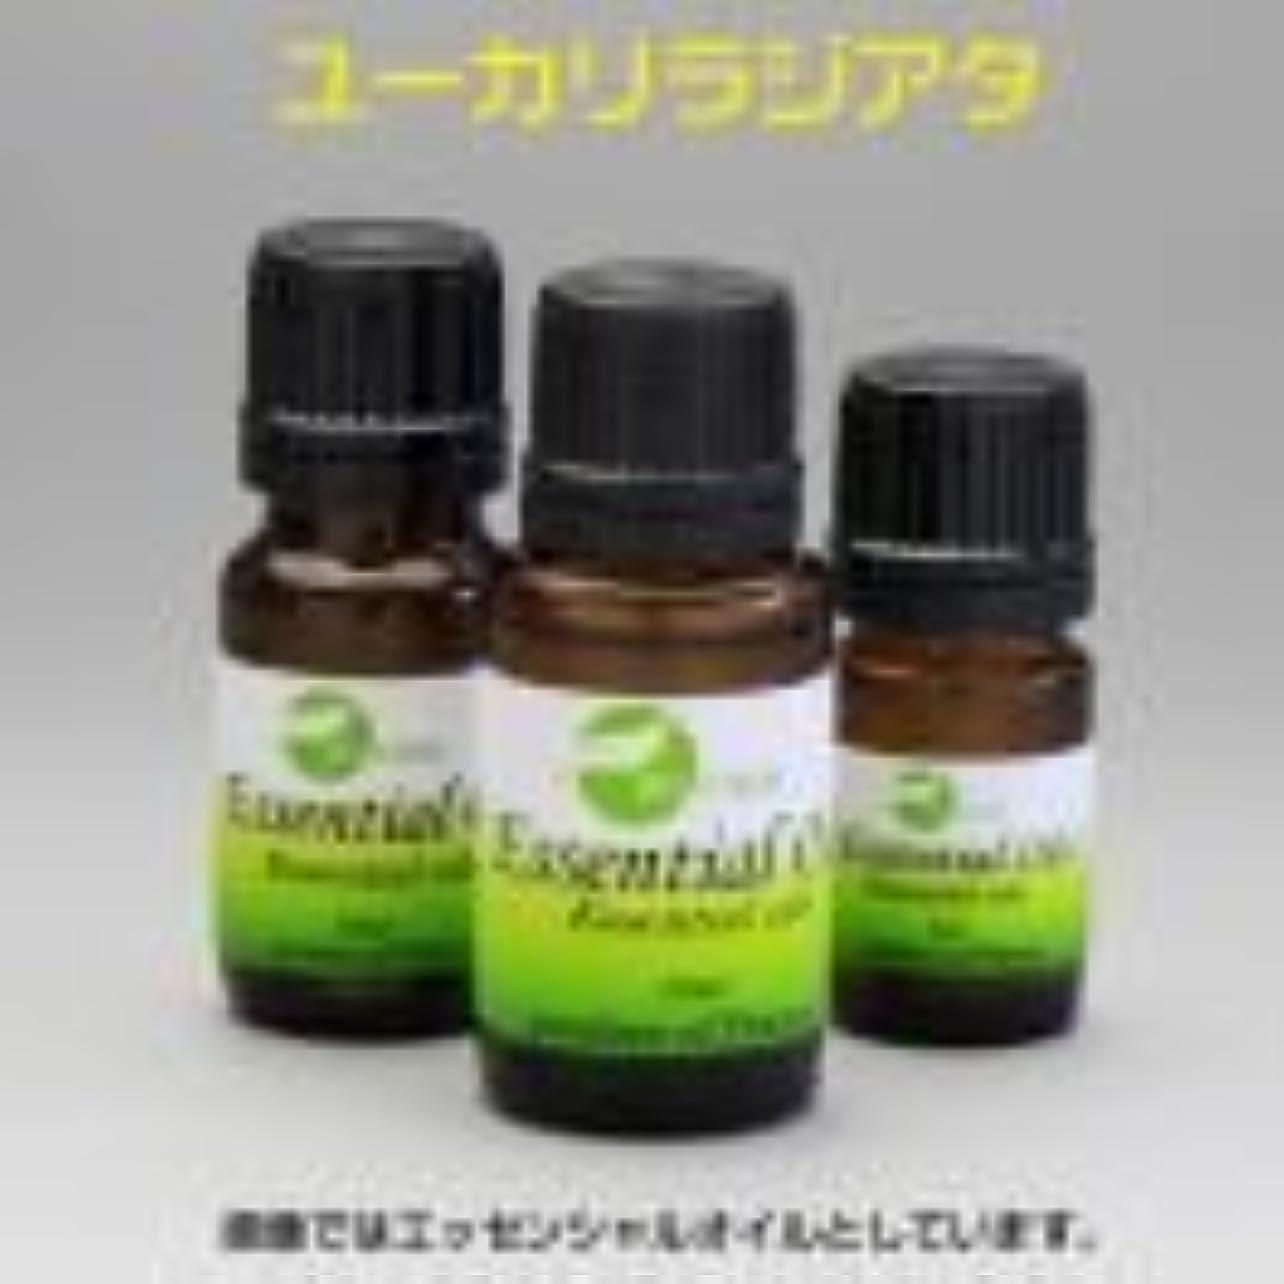 フロント検査官自然公園[エッセンシャルオイル] 染み透るようなハーブ調の香り ユーカリ ラジアタ 15ml